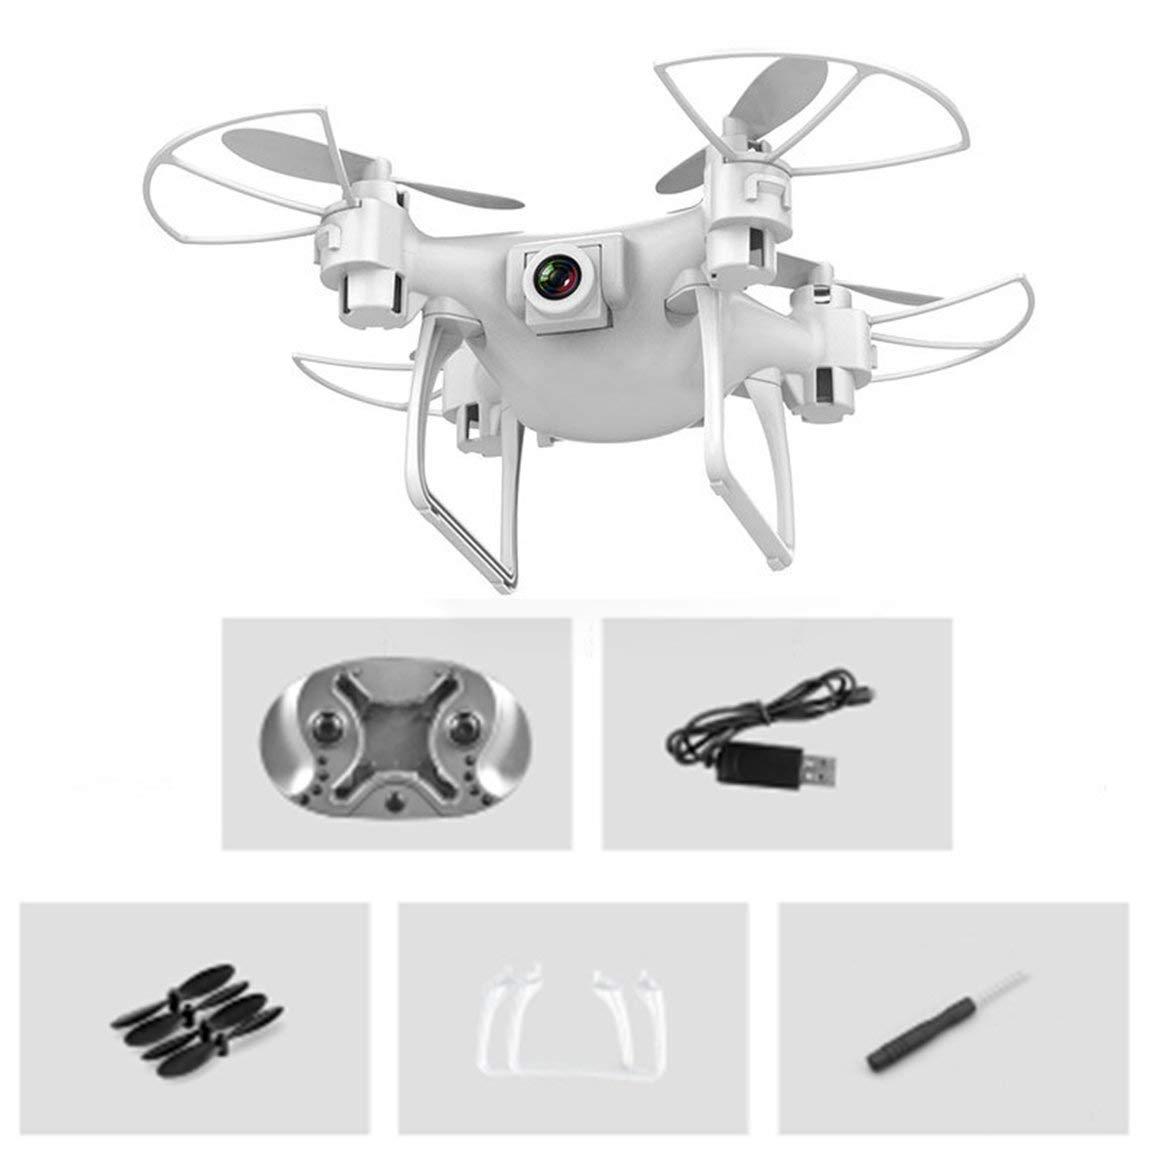 Delicacydex Multifunktionsflugzeug S26 Mini Aerial UAV 2 Millionen Pixel mit Kamera - Weiß